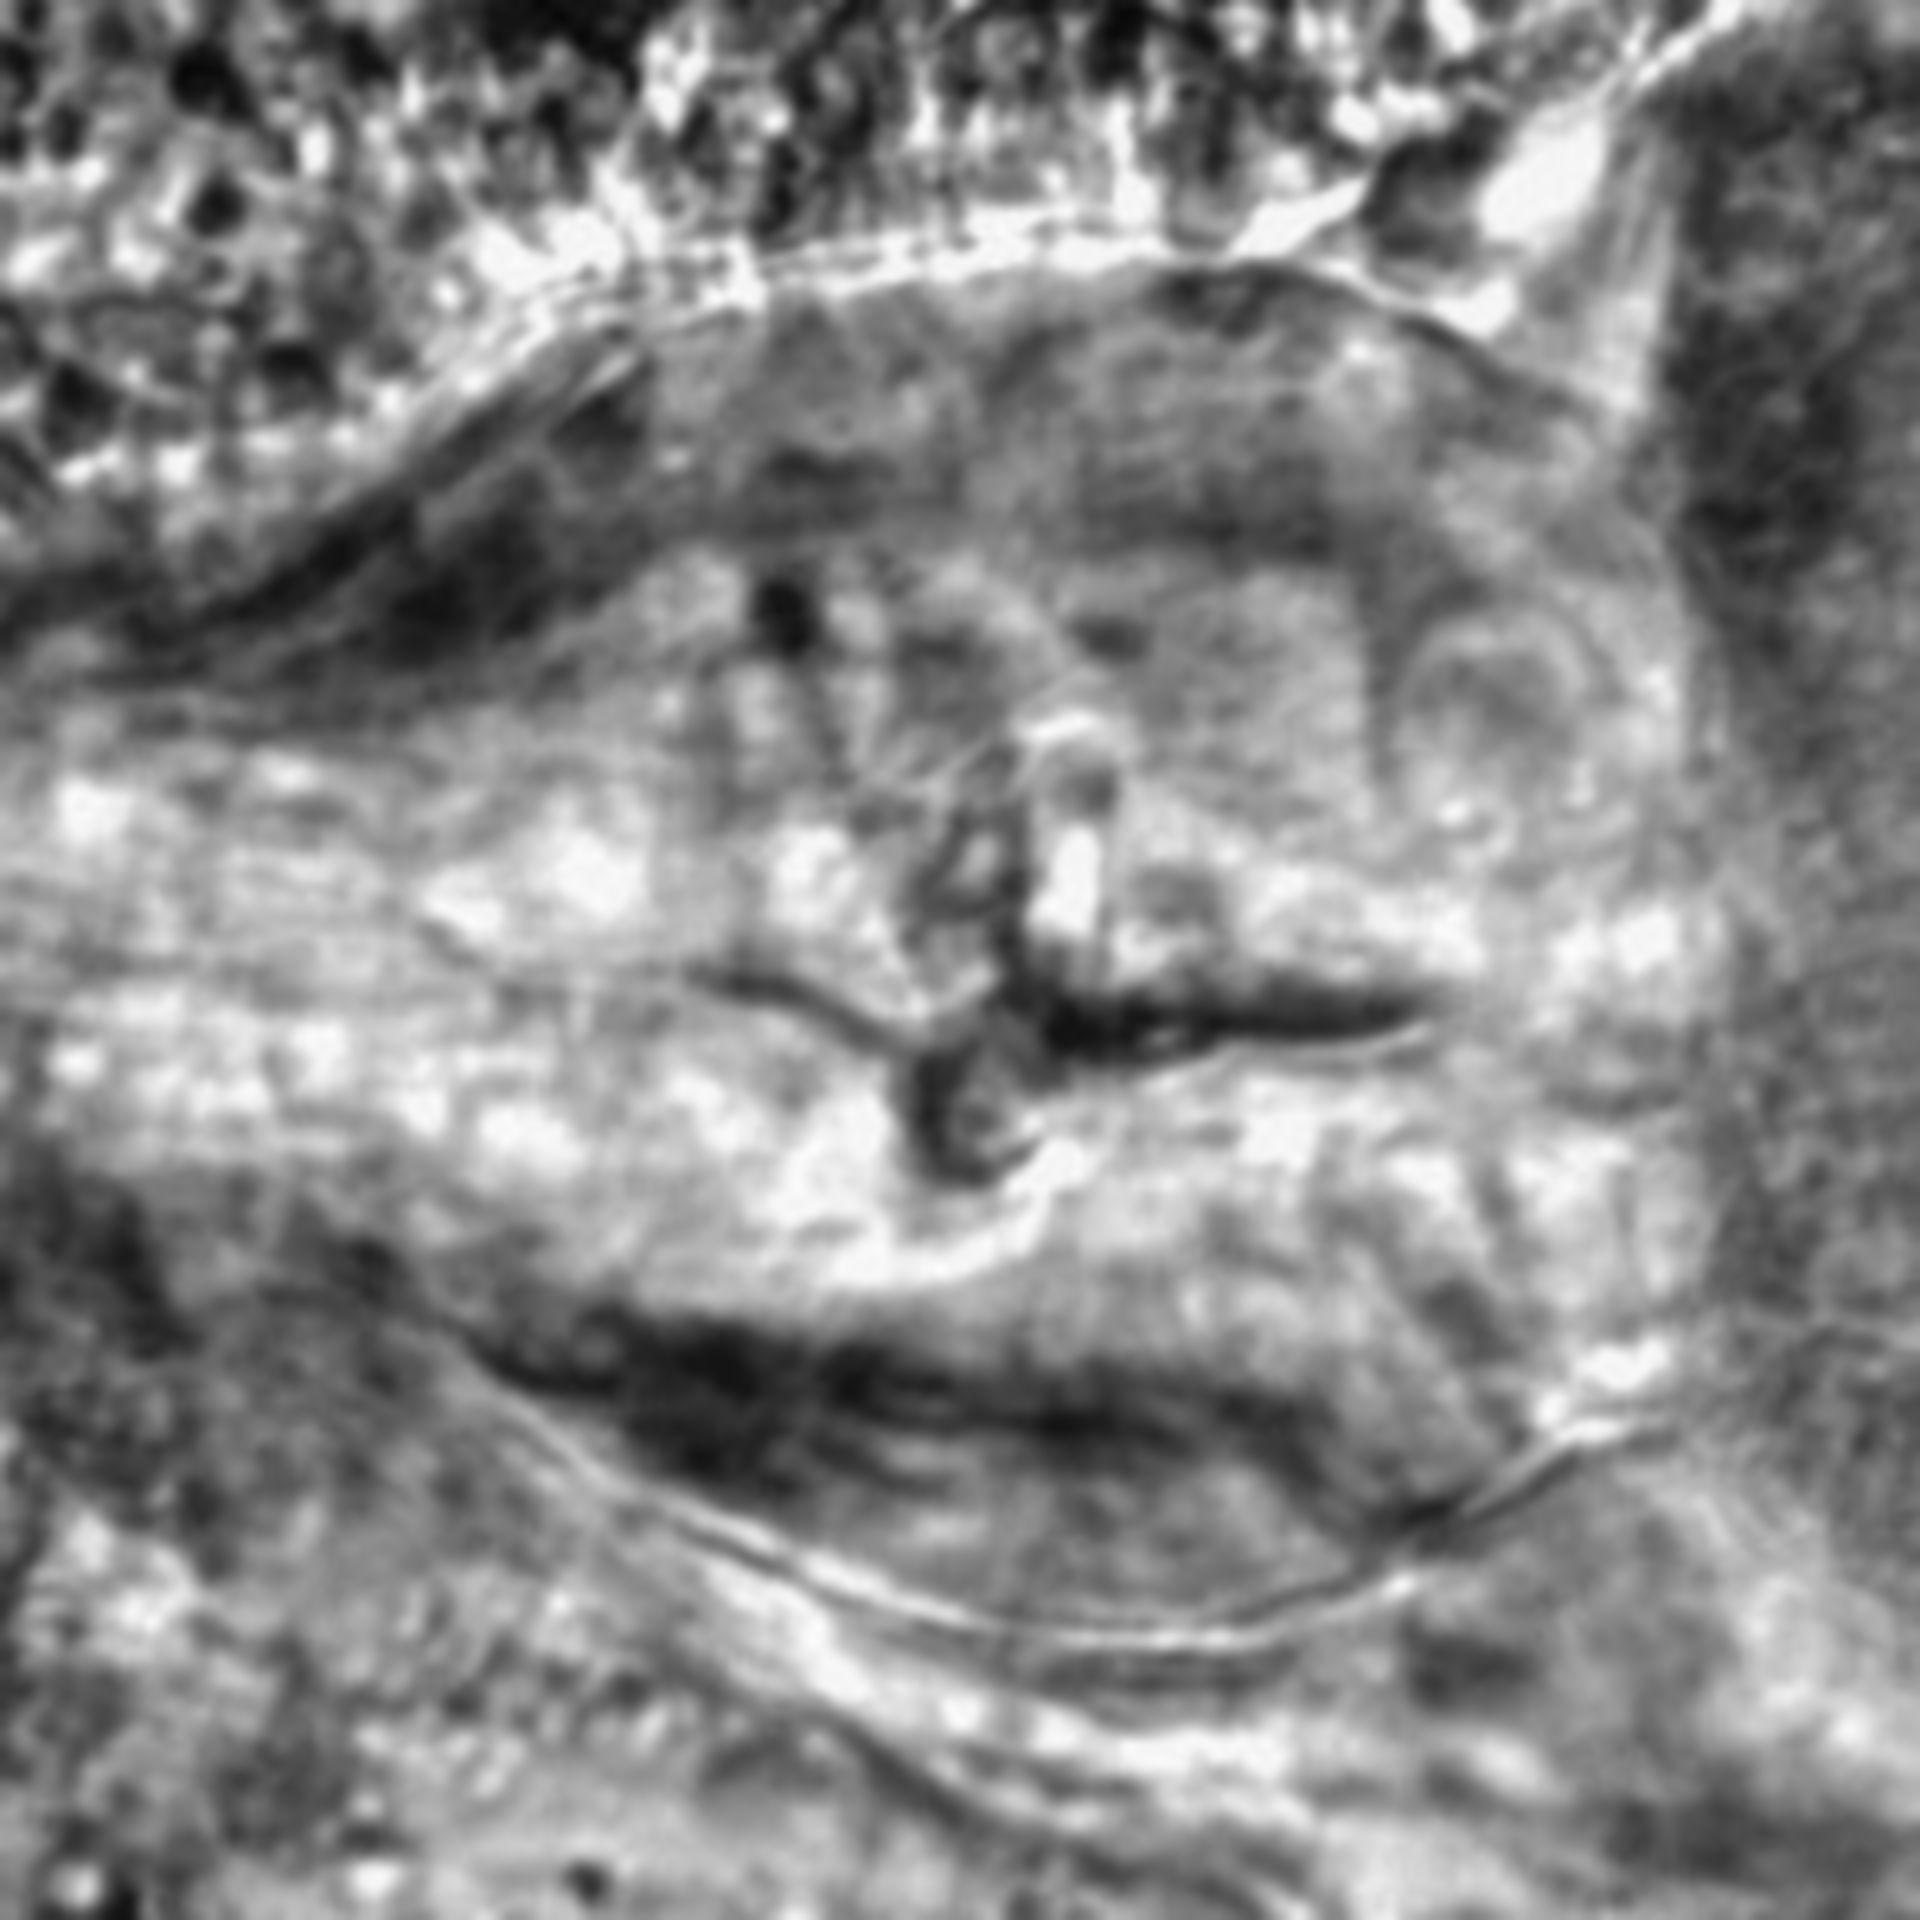 Caenorhabditis elegans - CIL:2291